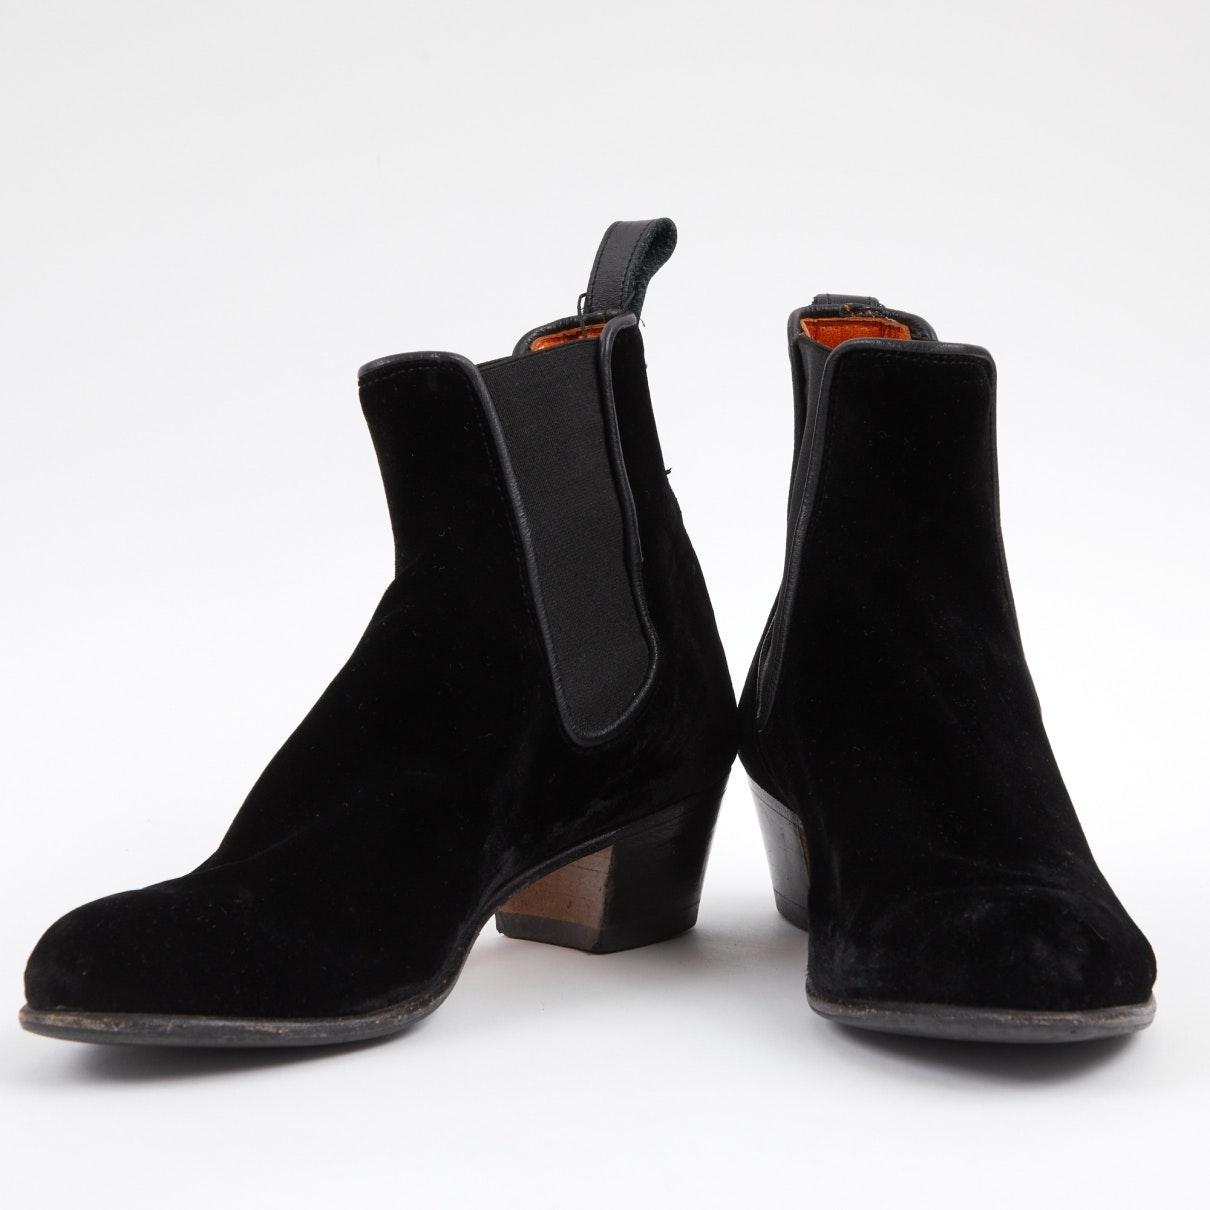 Botines en terciopelo negro N Penelope Chilvers de Terciopelo de color Negro